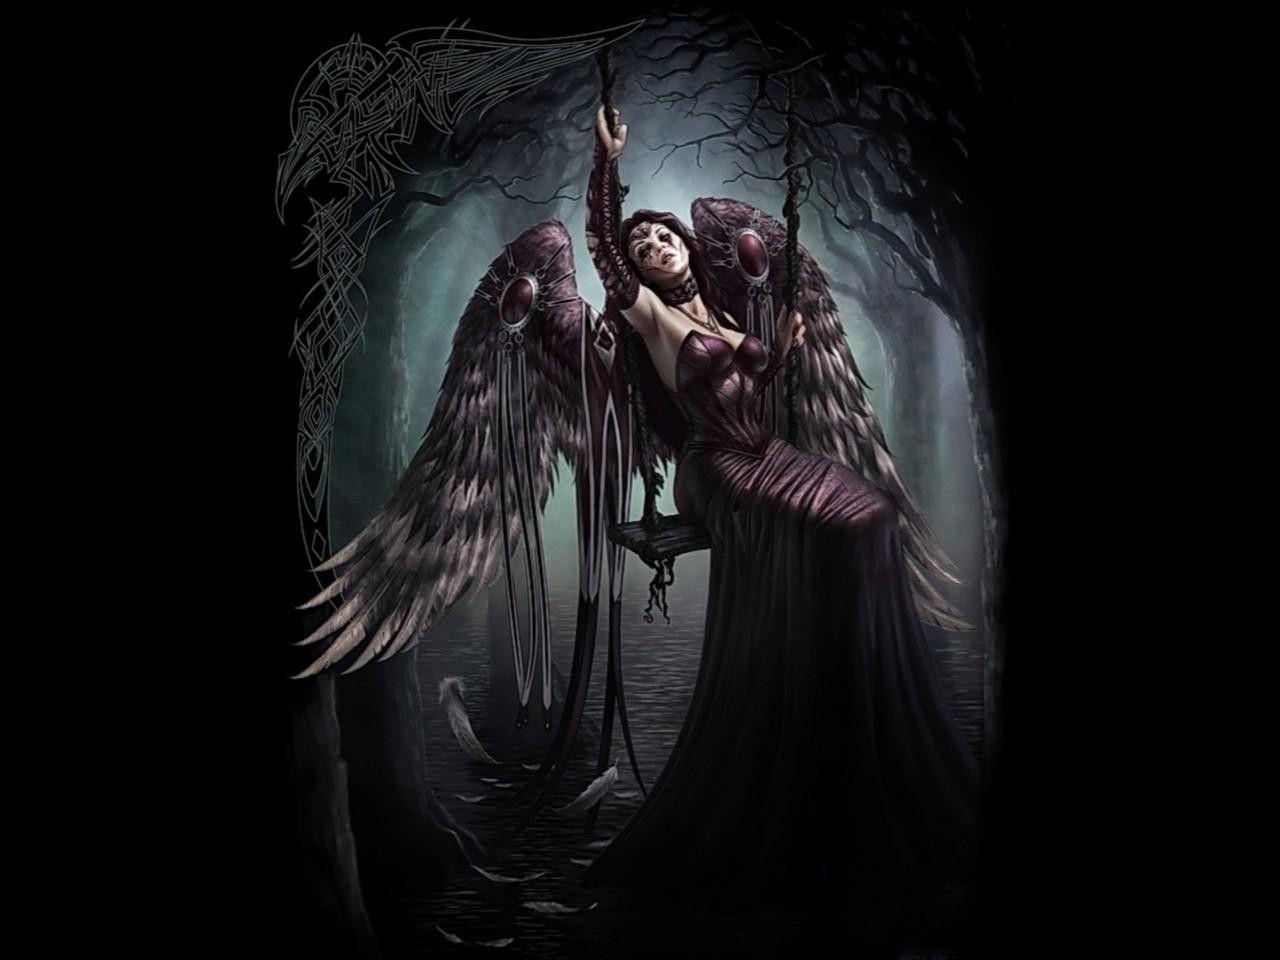 beautiful darkness pdf free download